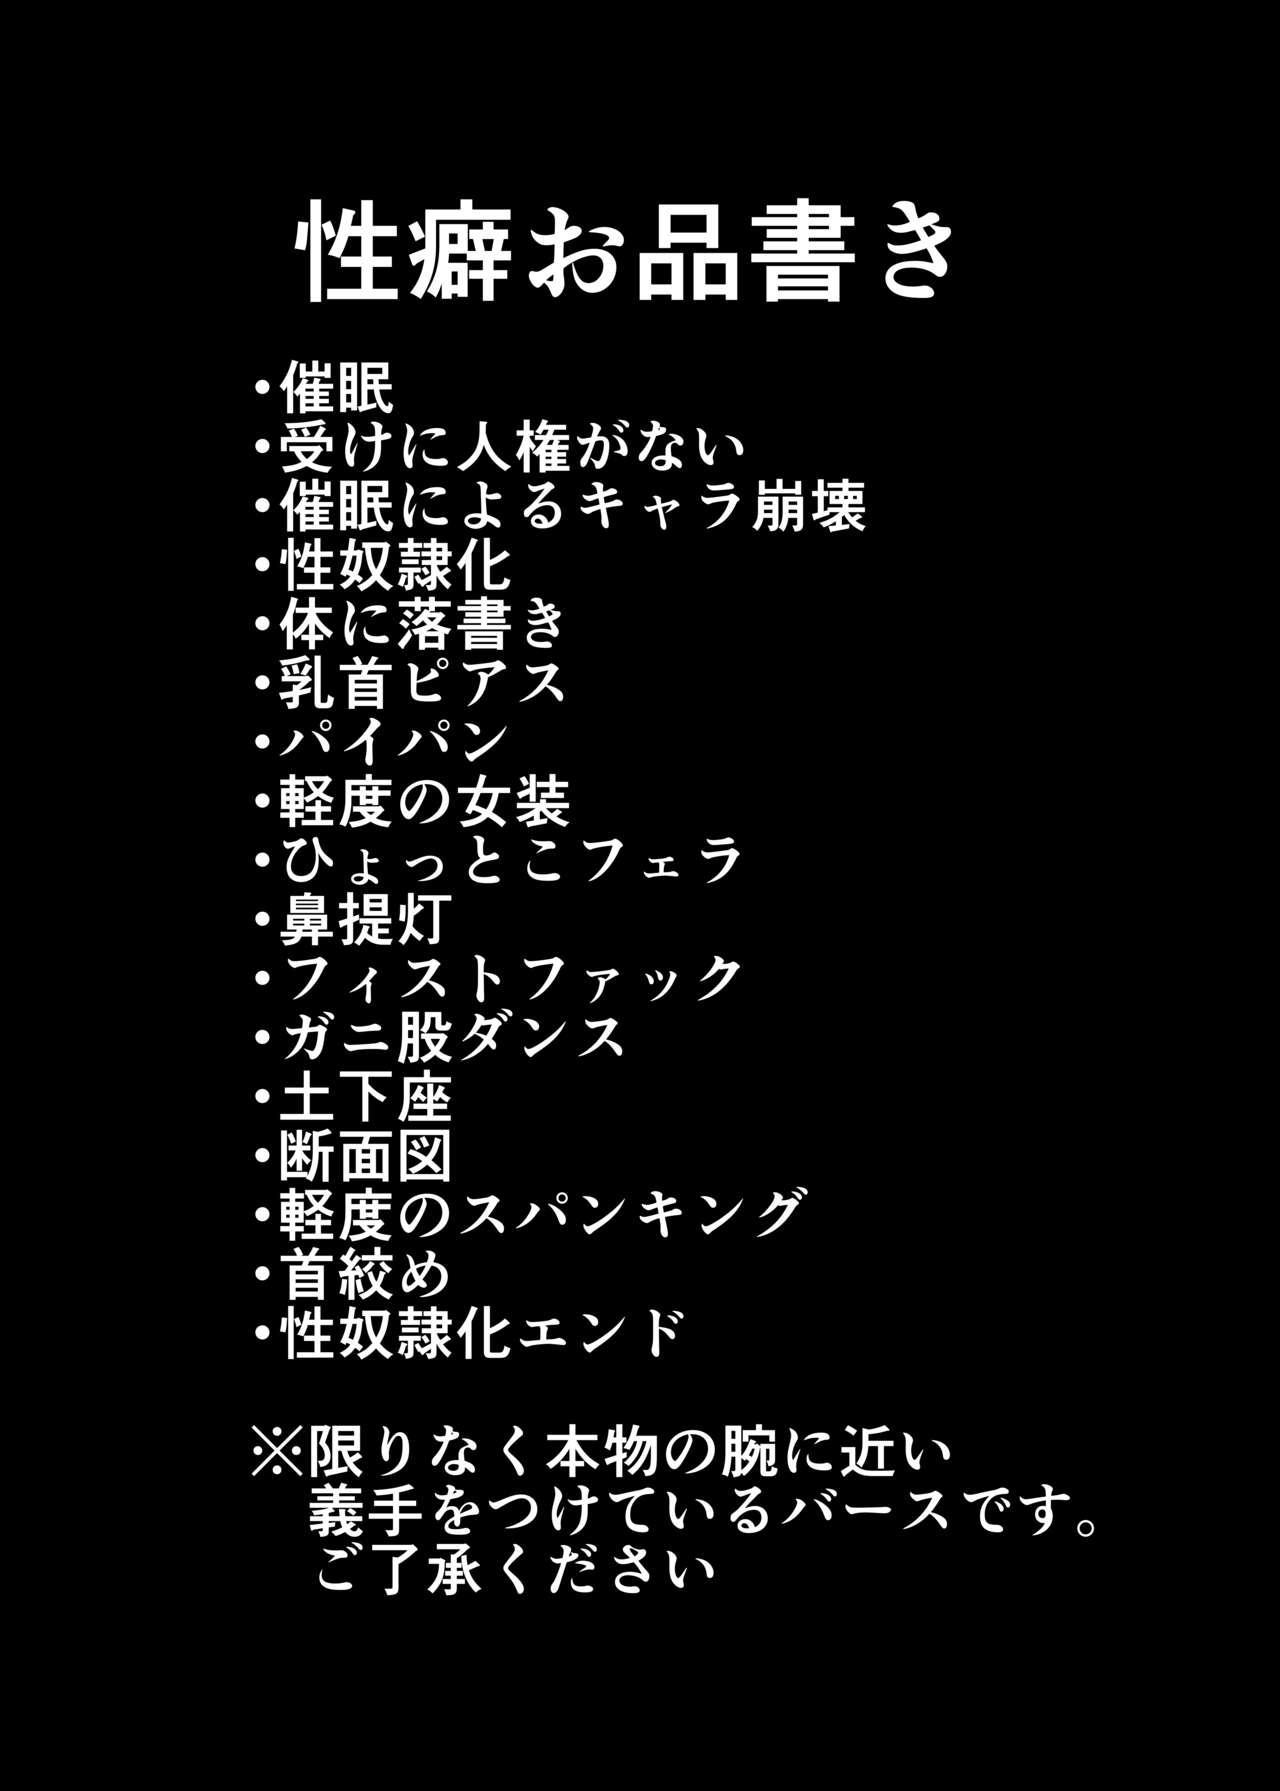 Masaka Ano Promepolis Shiseikan ga Saimin Appli de Seidorei ni Ochiru nante 1